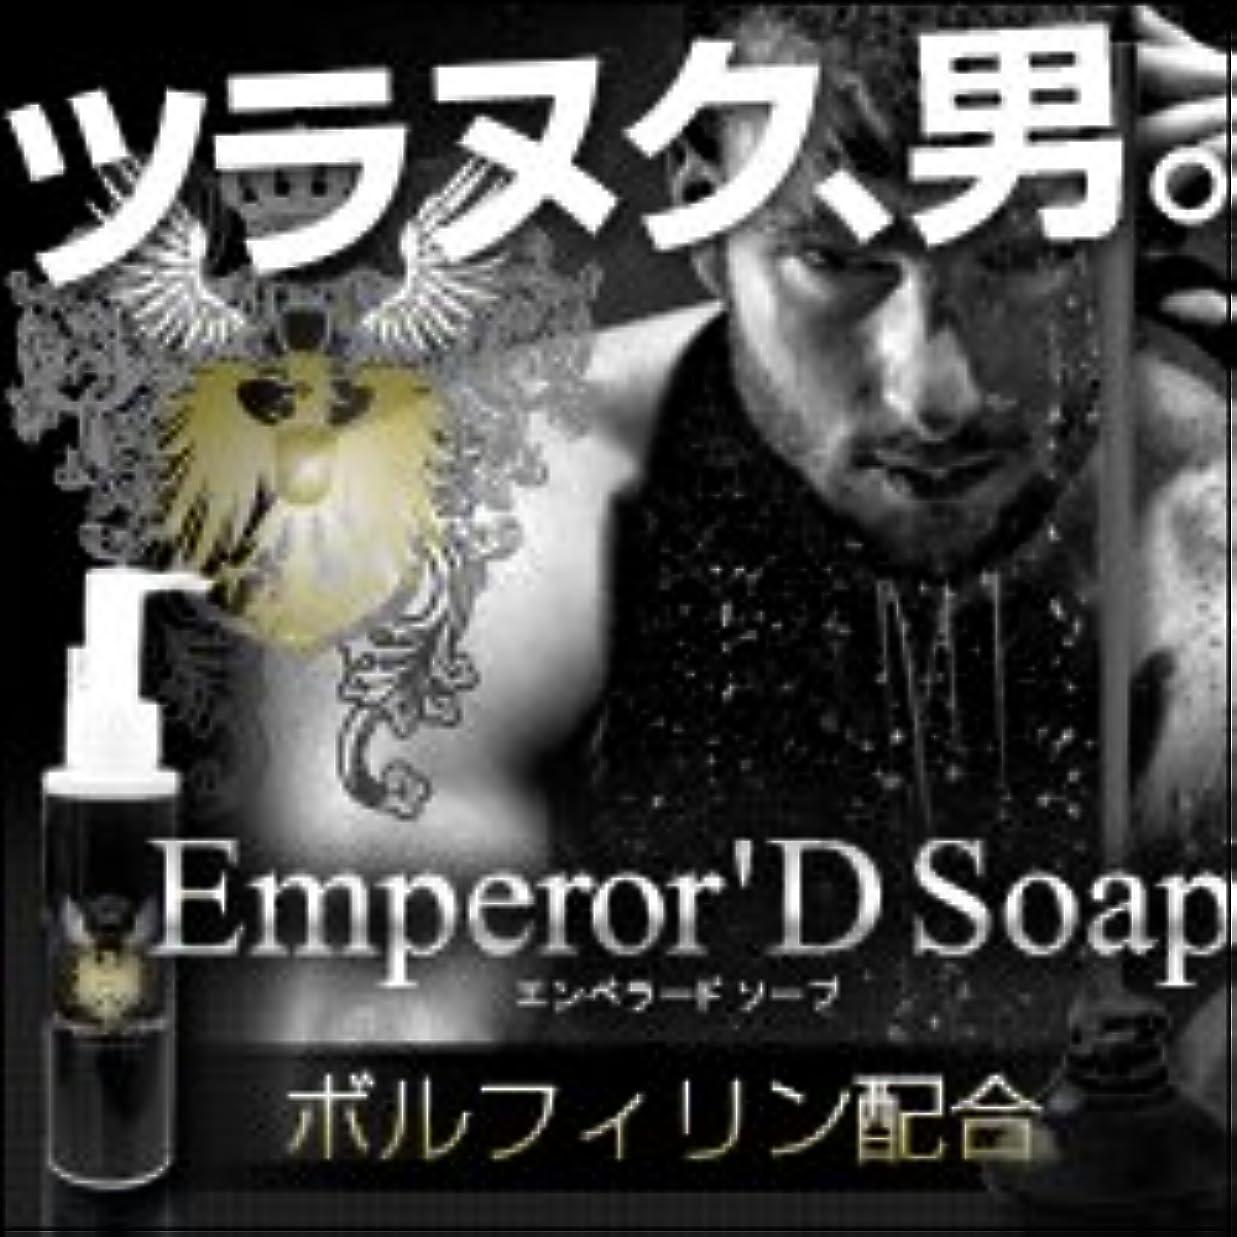 ヘルパー悪意状況【Emperor'D Soap(エンペラードソープ)】ツラヌク男になる!!!